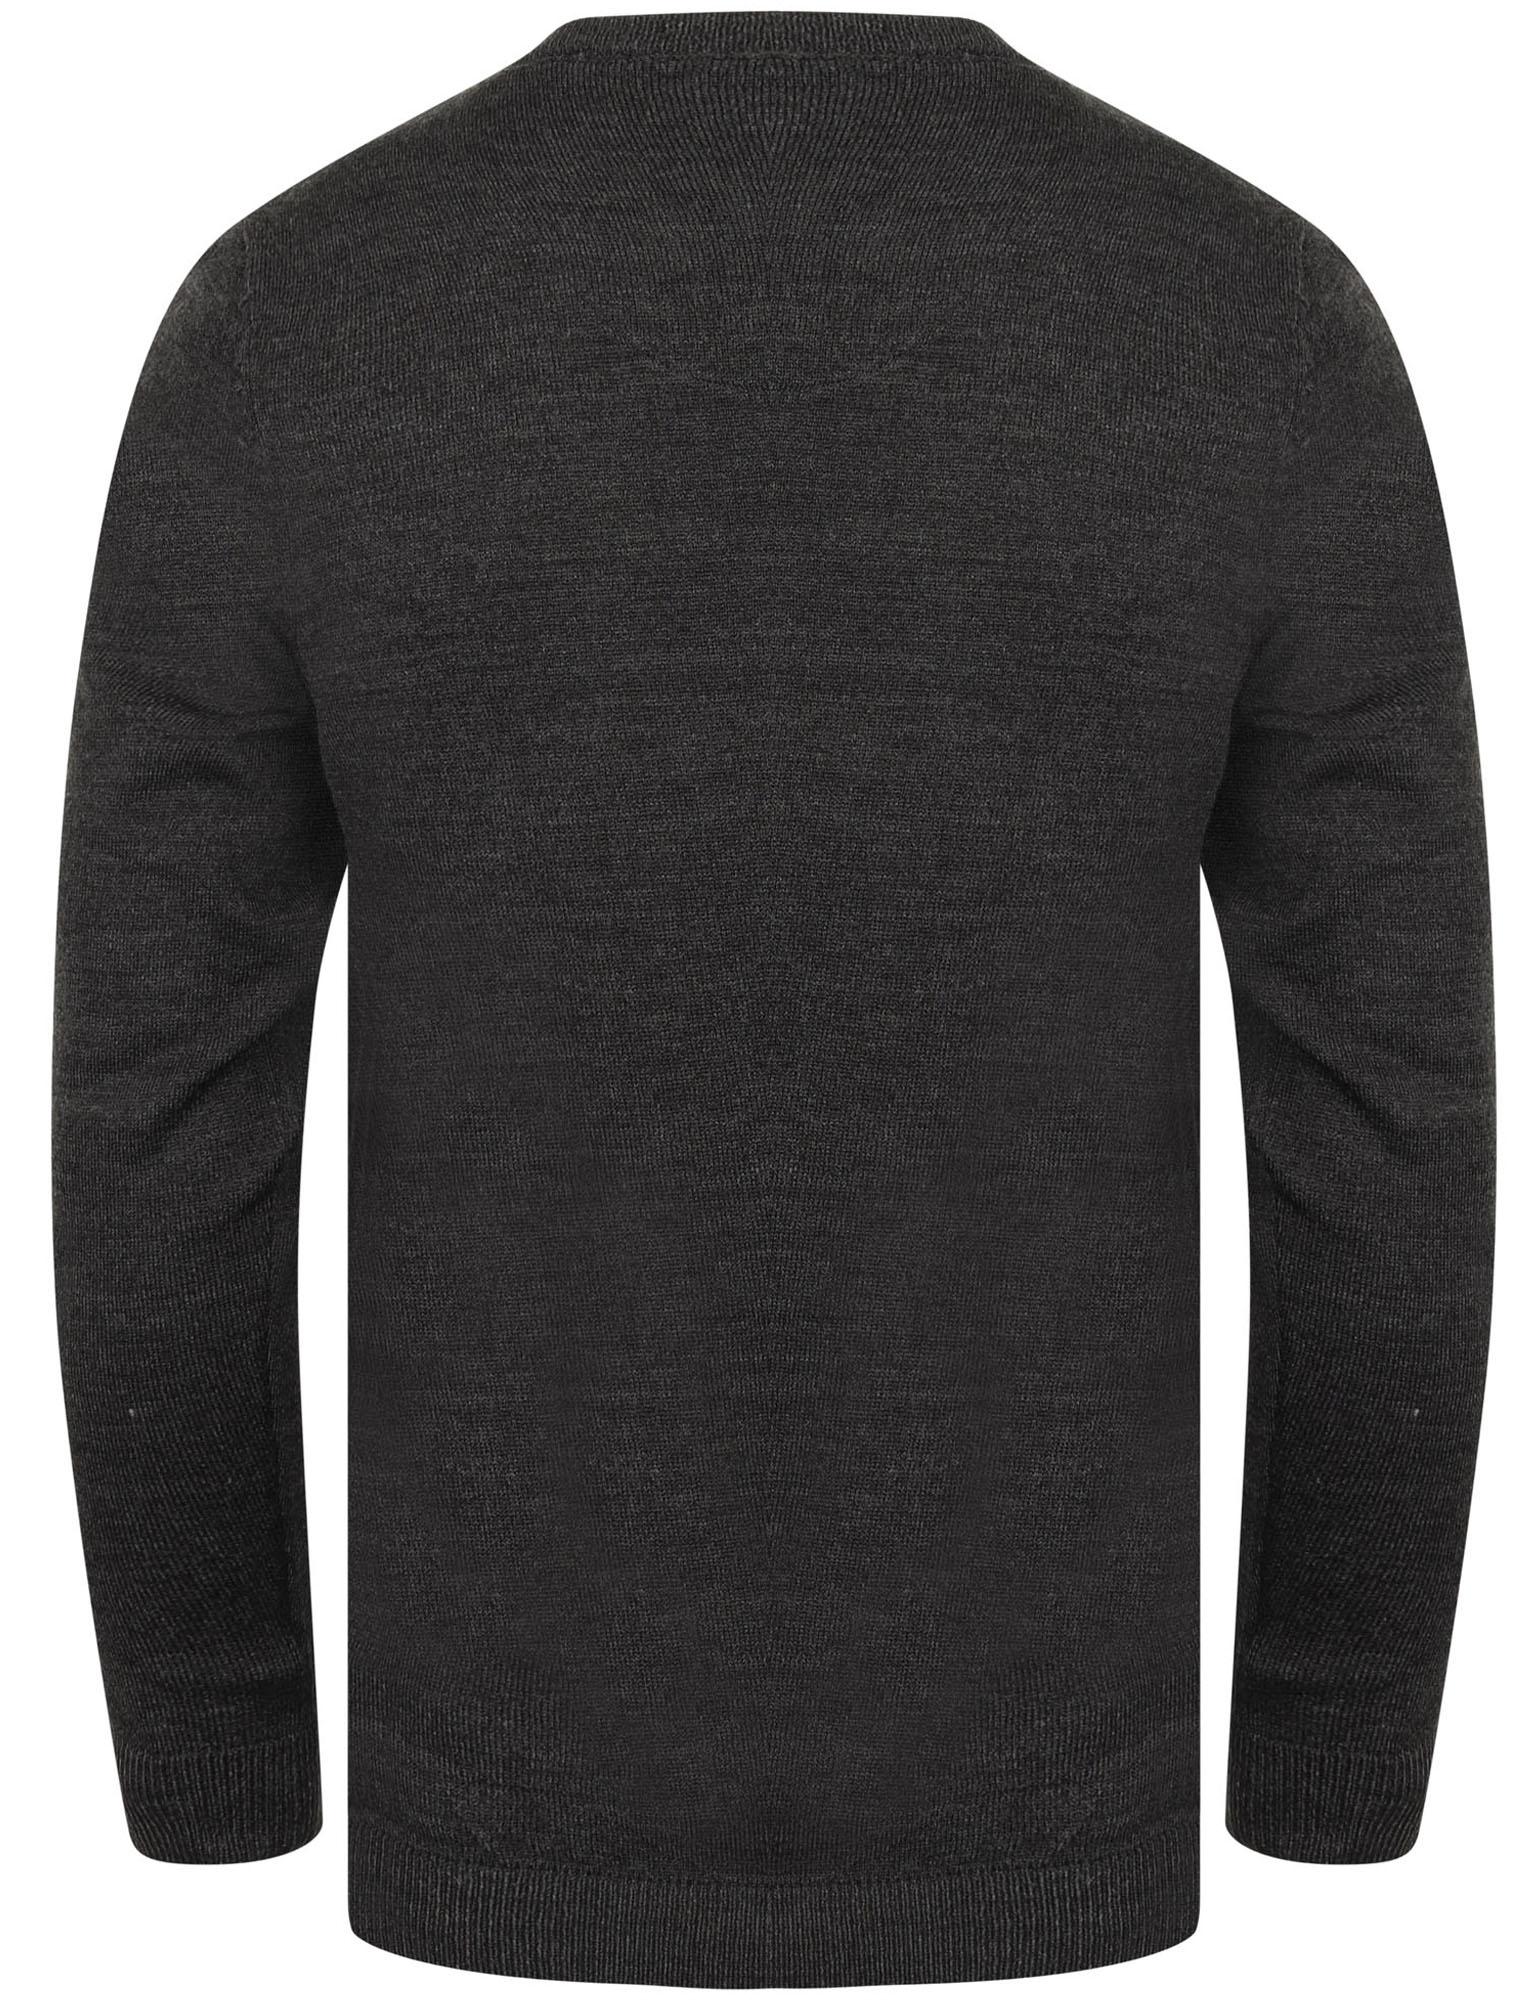 Kensington-Eastside-Men-039-s-Knitted-Crew-or-V-Neck-Jumper-Sweater-Top-Pullover thumbnail 31